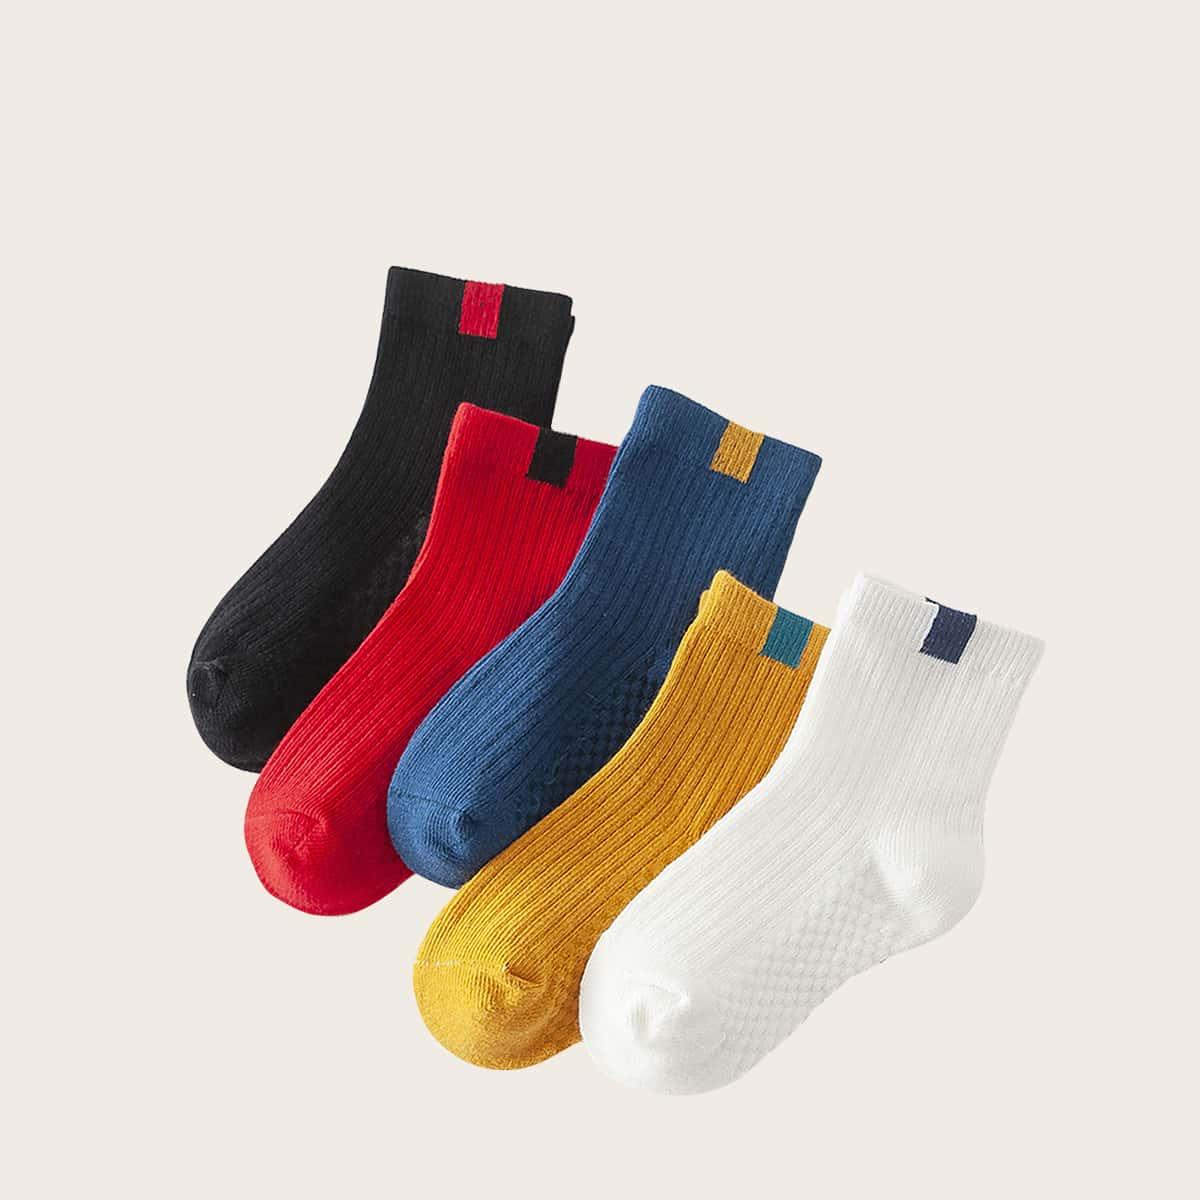 Kleinkind Kinder Socken mit Zwei Ton Mustr 5 Paare